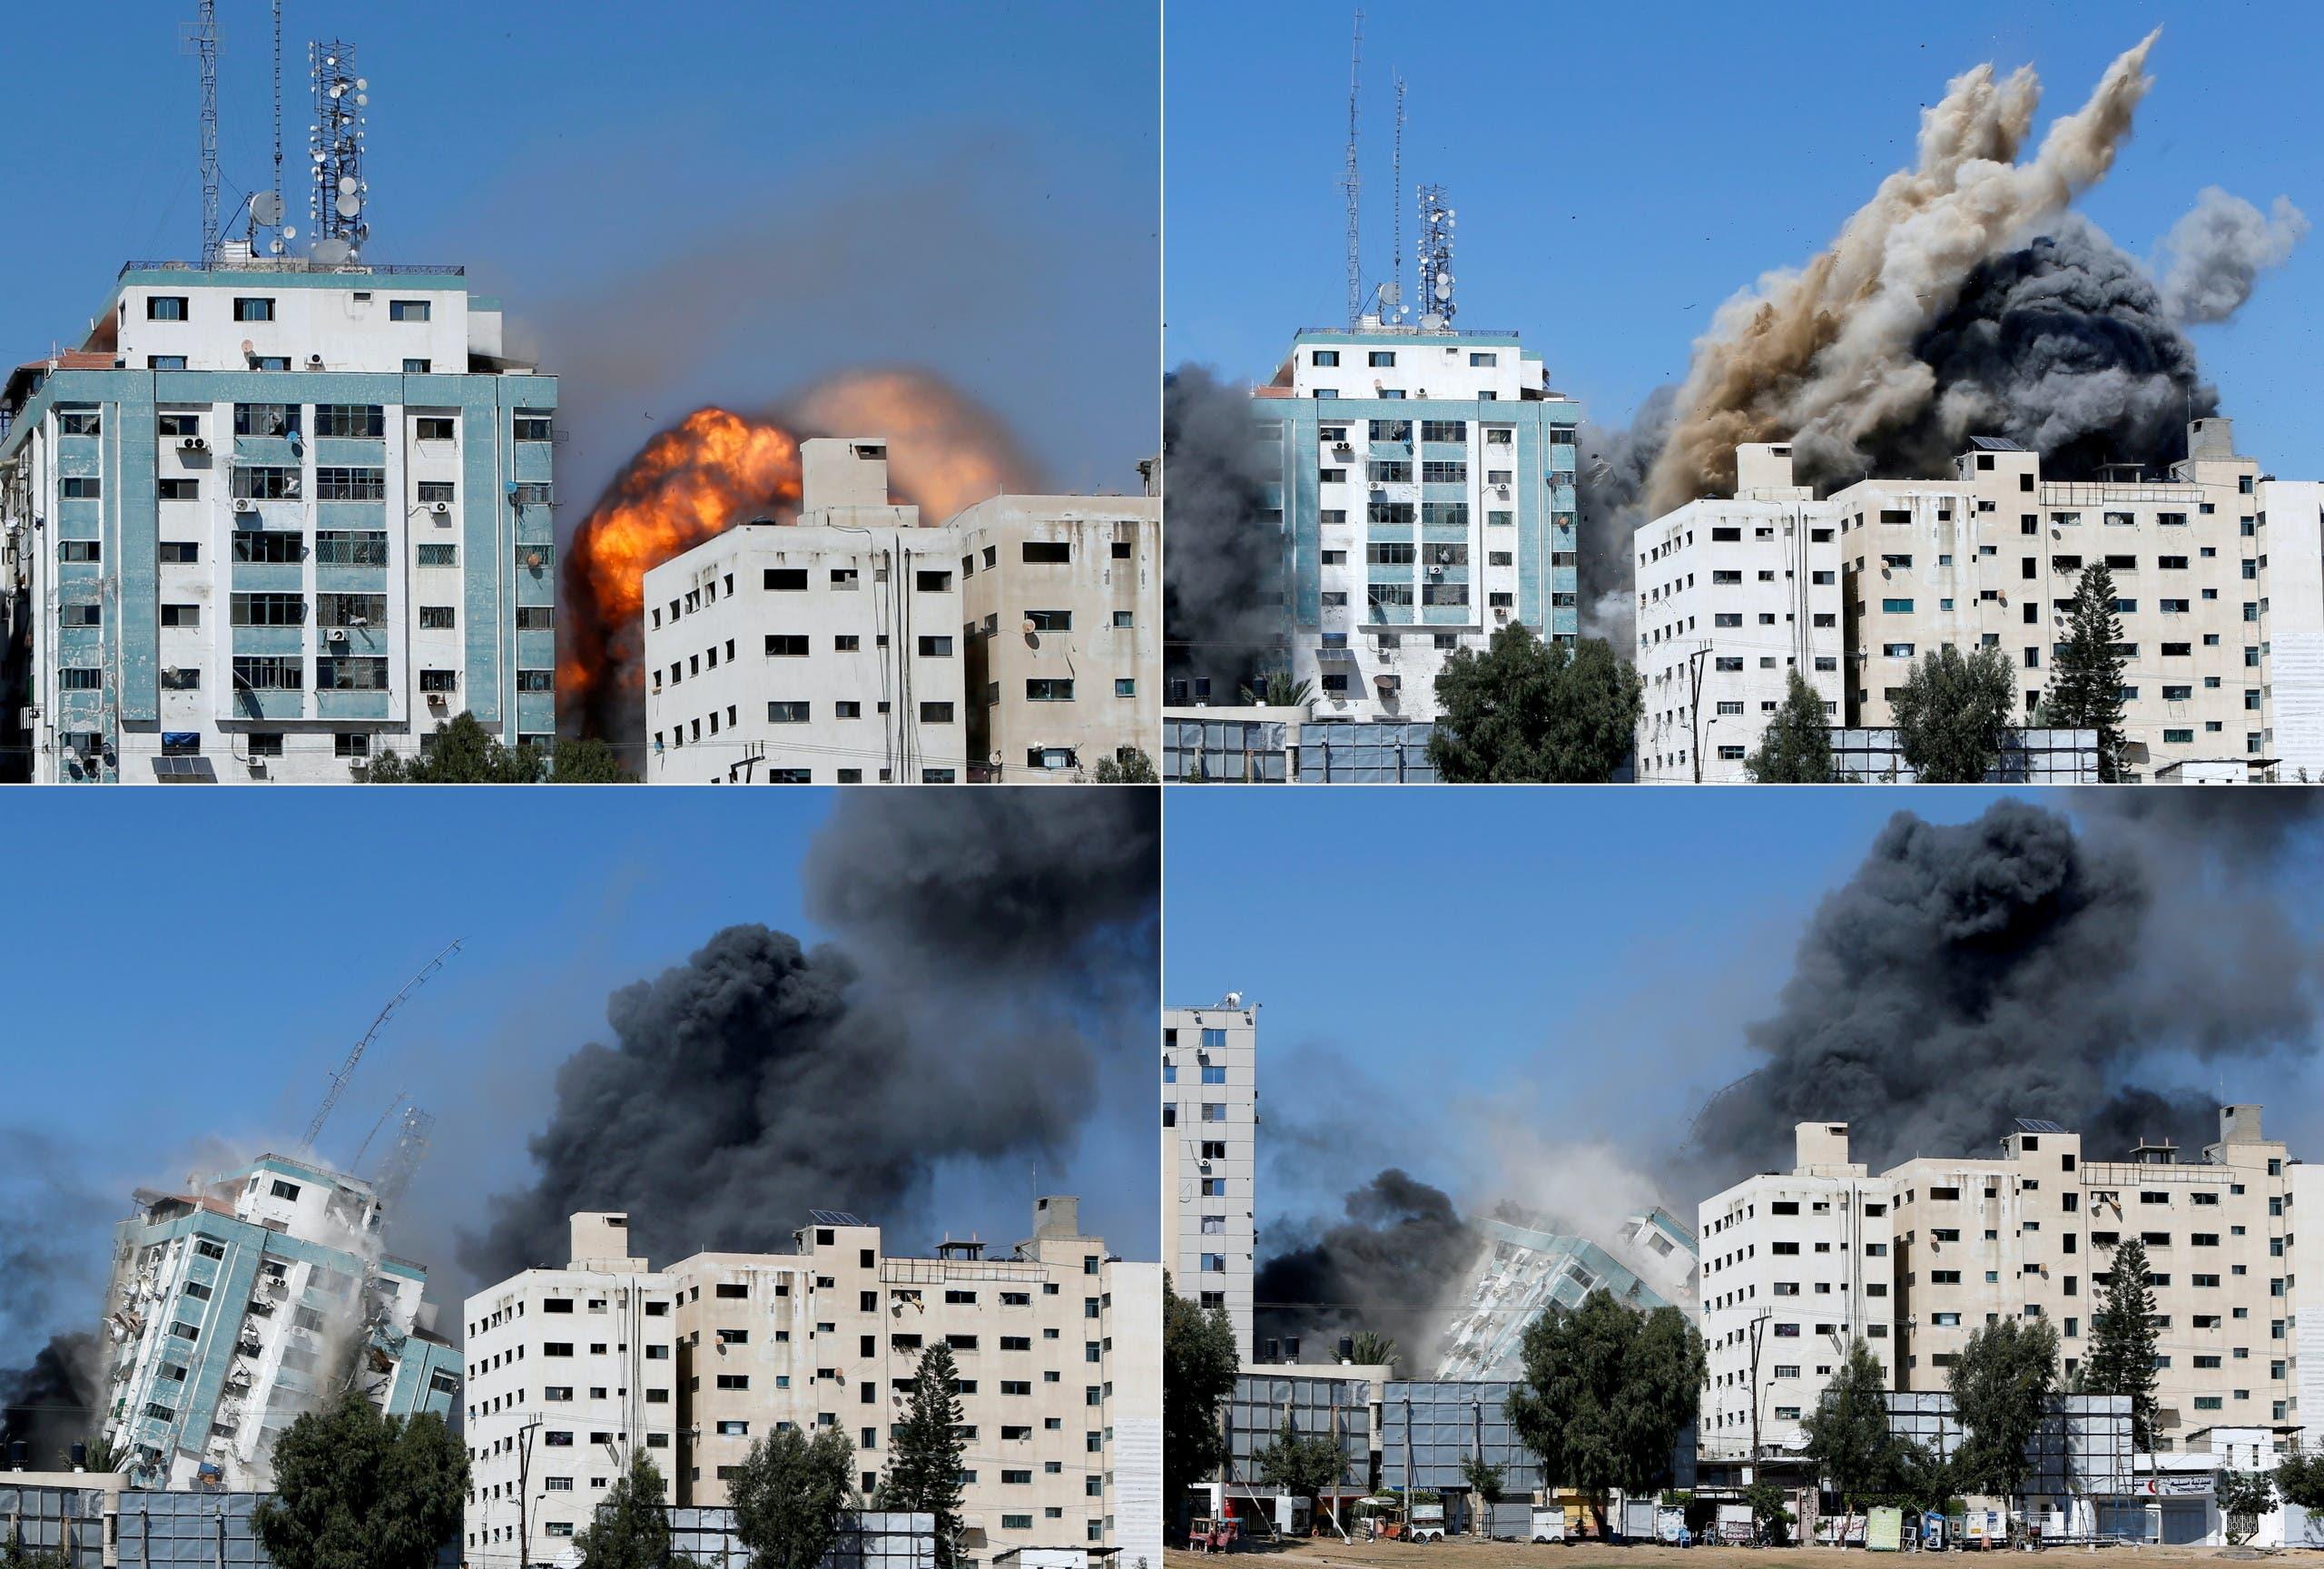 استهداف إسرائيل لبرج الجلاء في غزة الذي كان يضم عدداً من مكاتب وسائل إعلام دولية